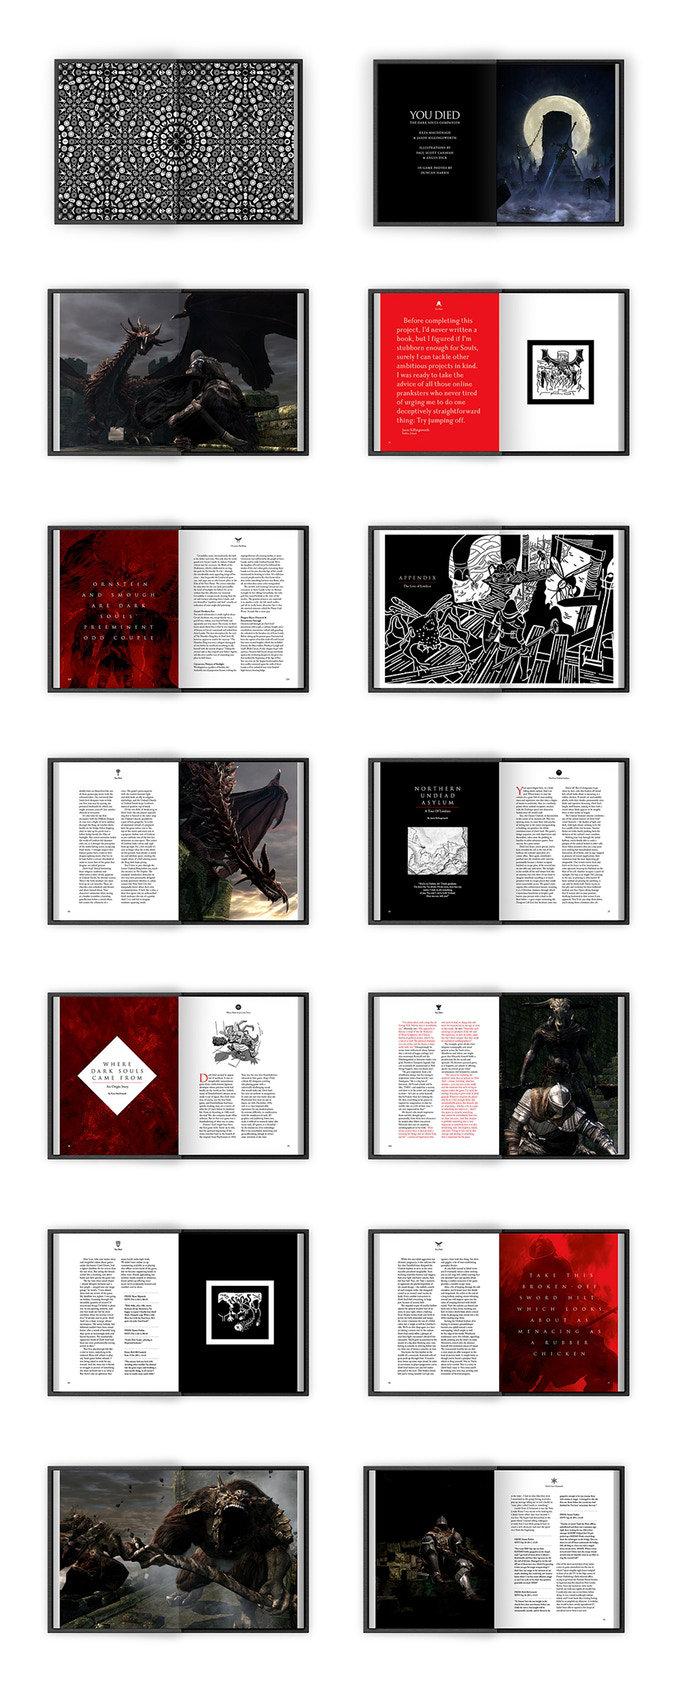 Dark Souls companion book